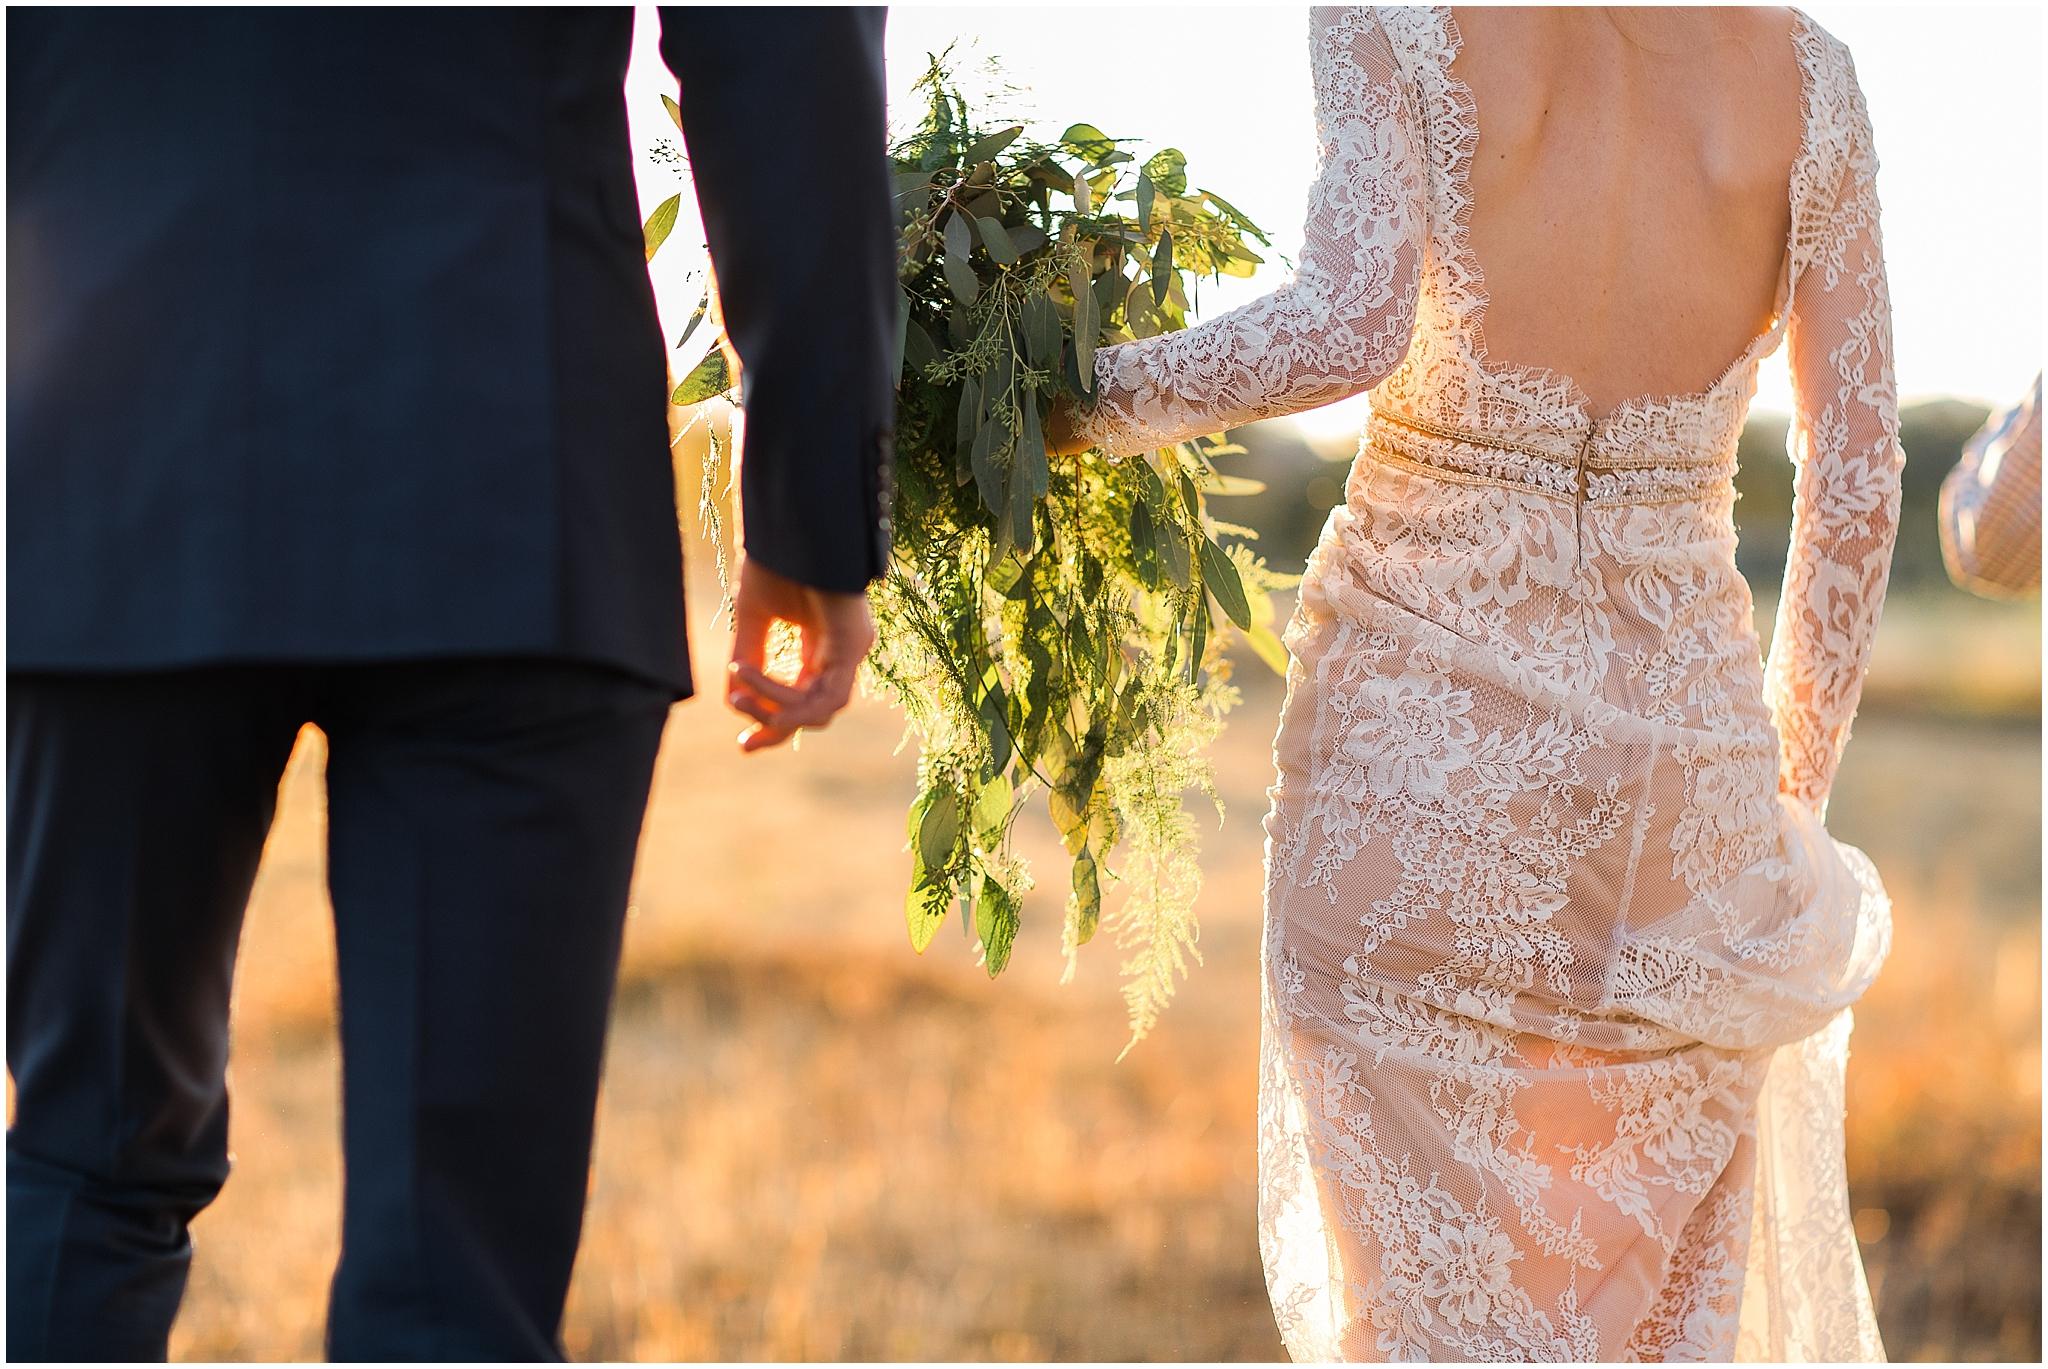 Colorado bride lace dress